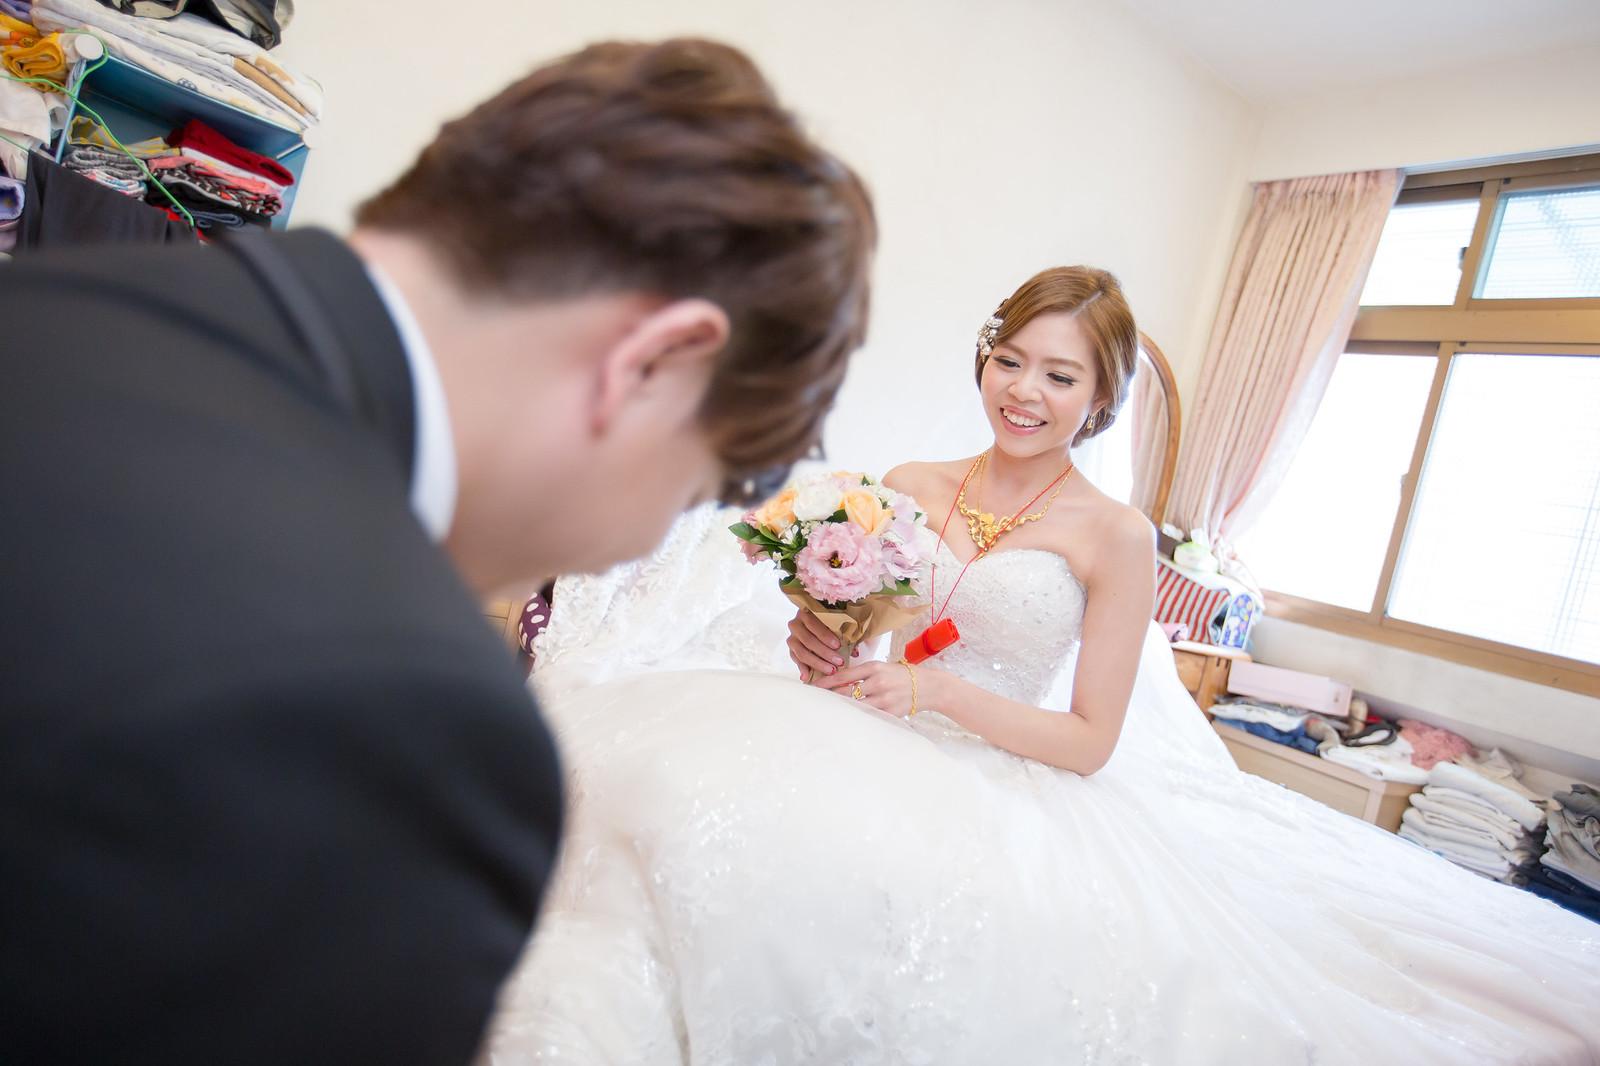 結婚儀式精選-30